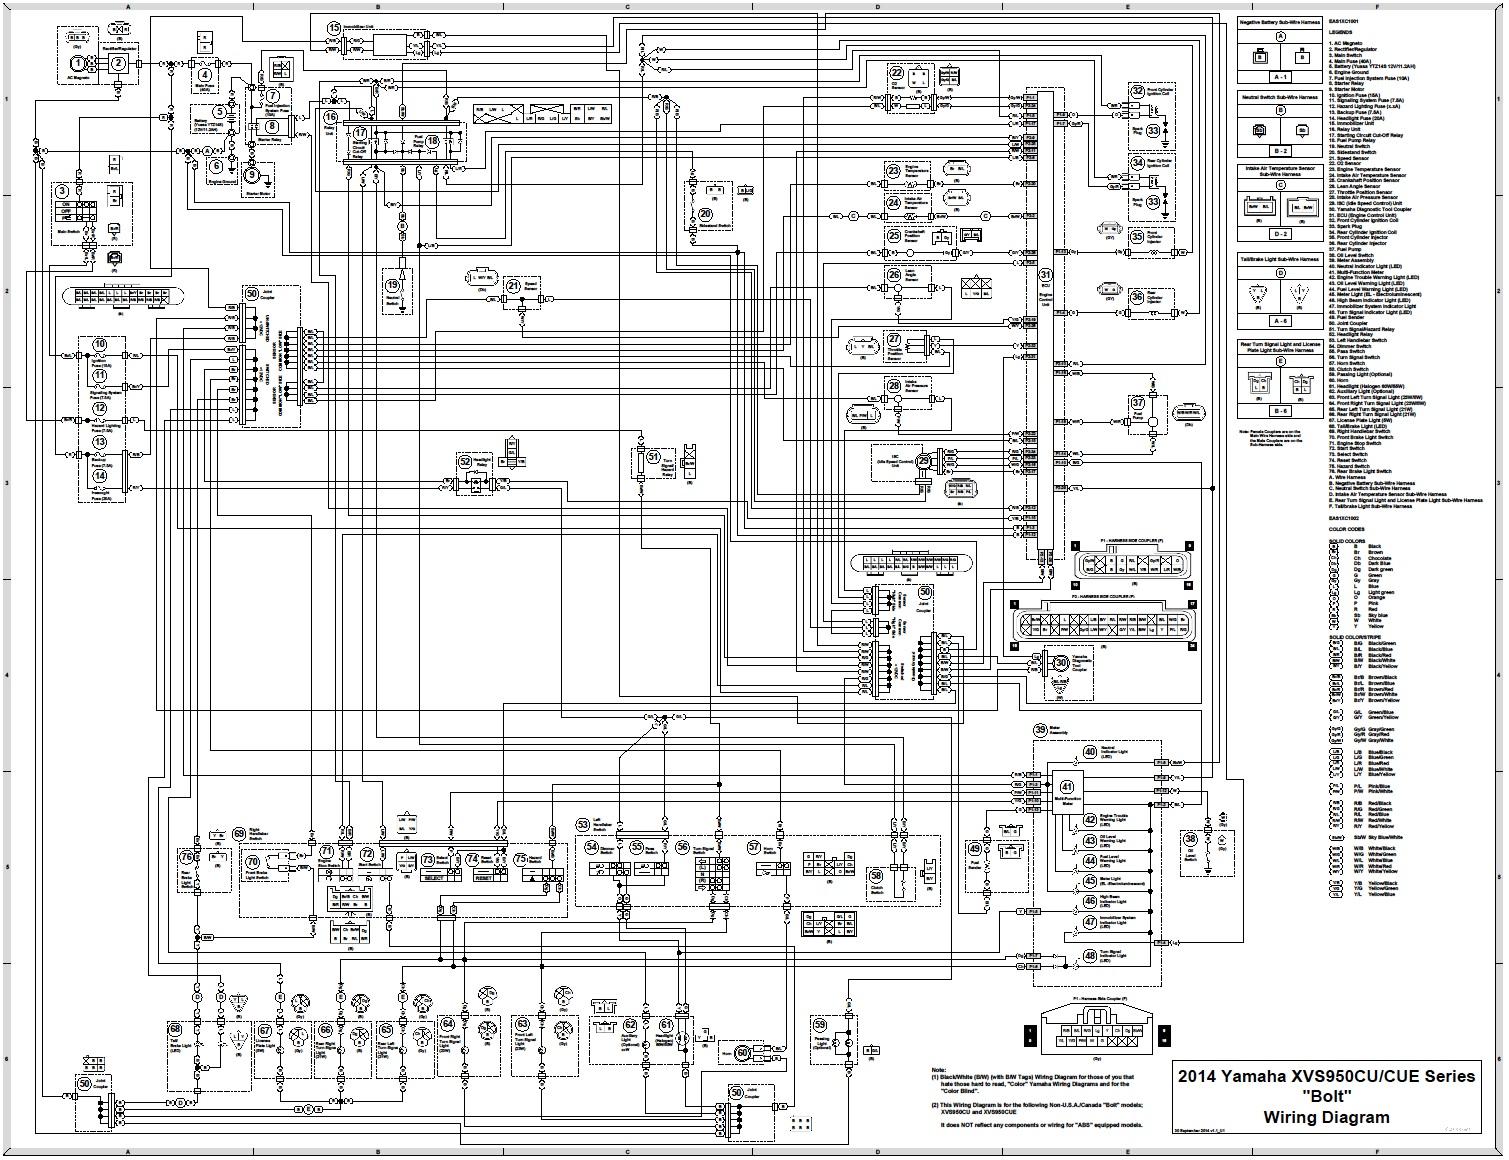 2004 Oldsmobile Alero Radio Wiring Diagram Index Of Images